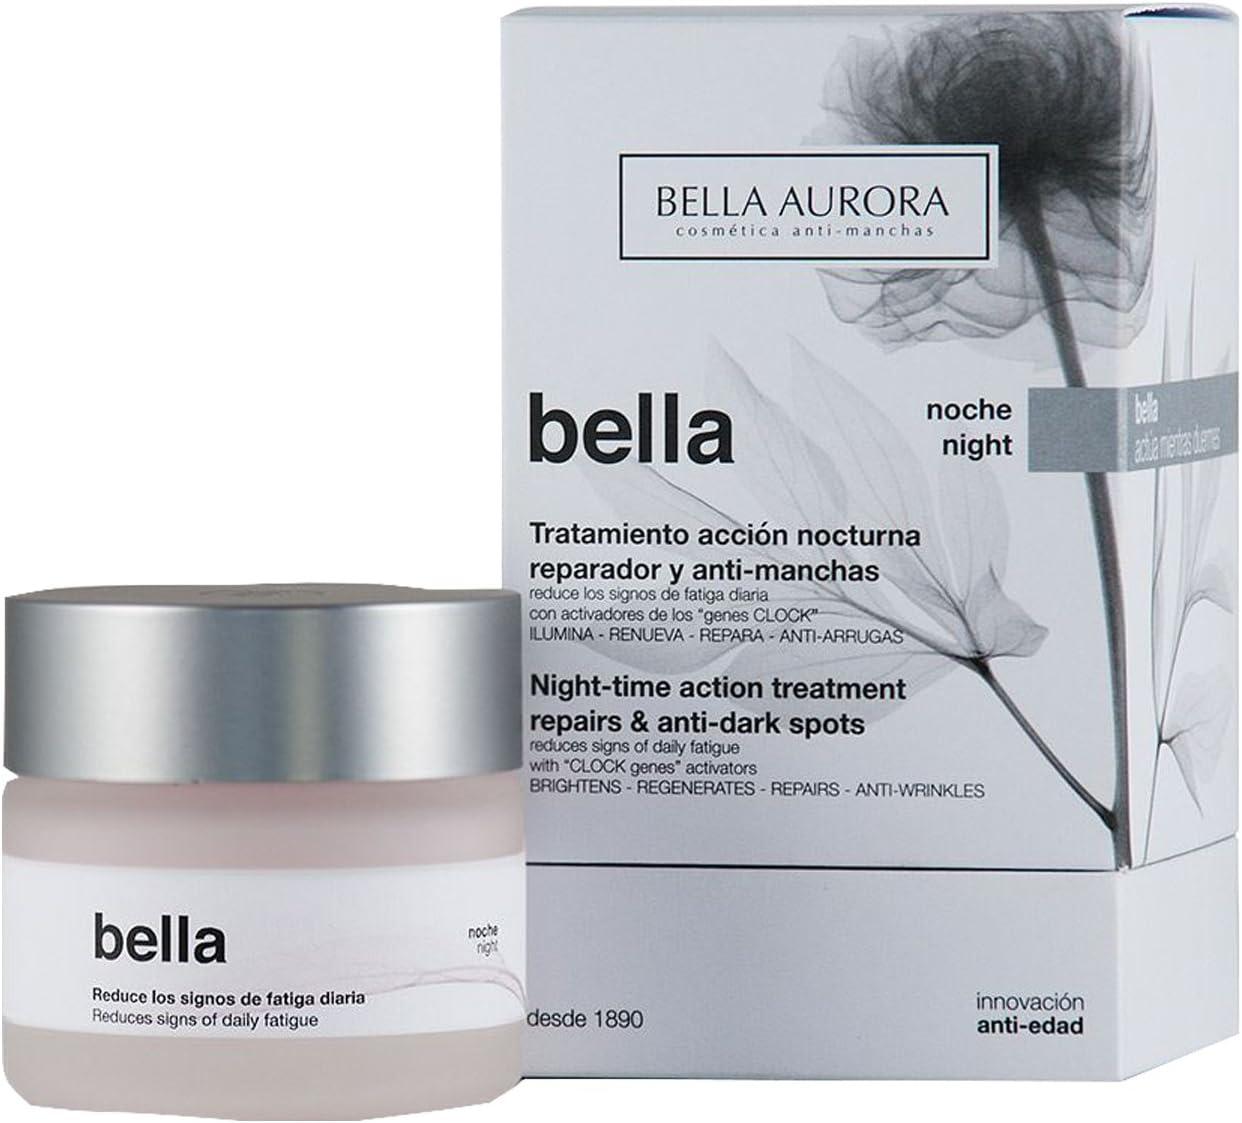 Bella Aurora Bella Crema Facial Noche Anti-Arrugas y Anti-Edad para Mujer Tratamiento Reparador Anti-Manchas de acción Nocturna, 50 ml